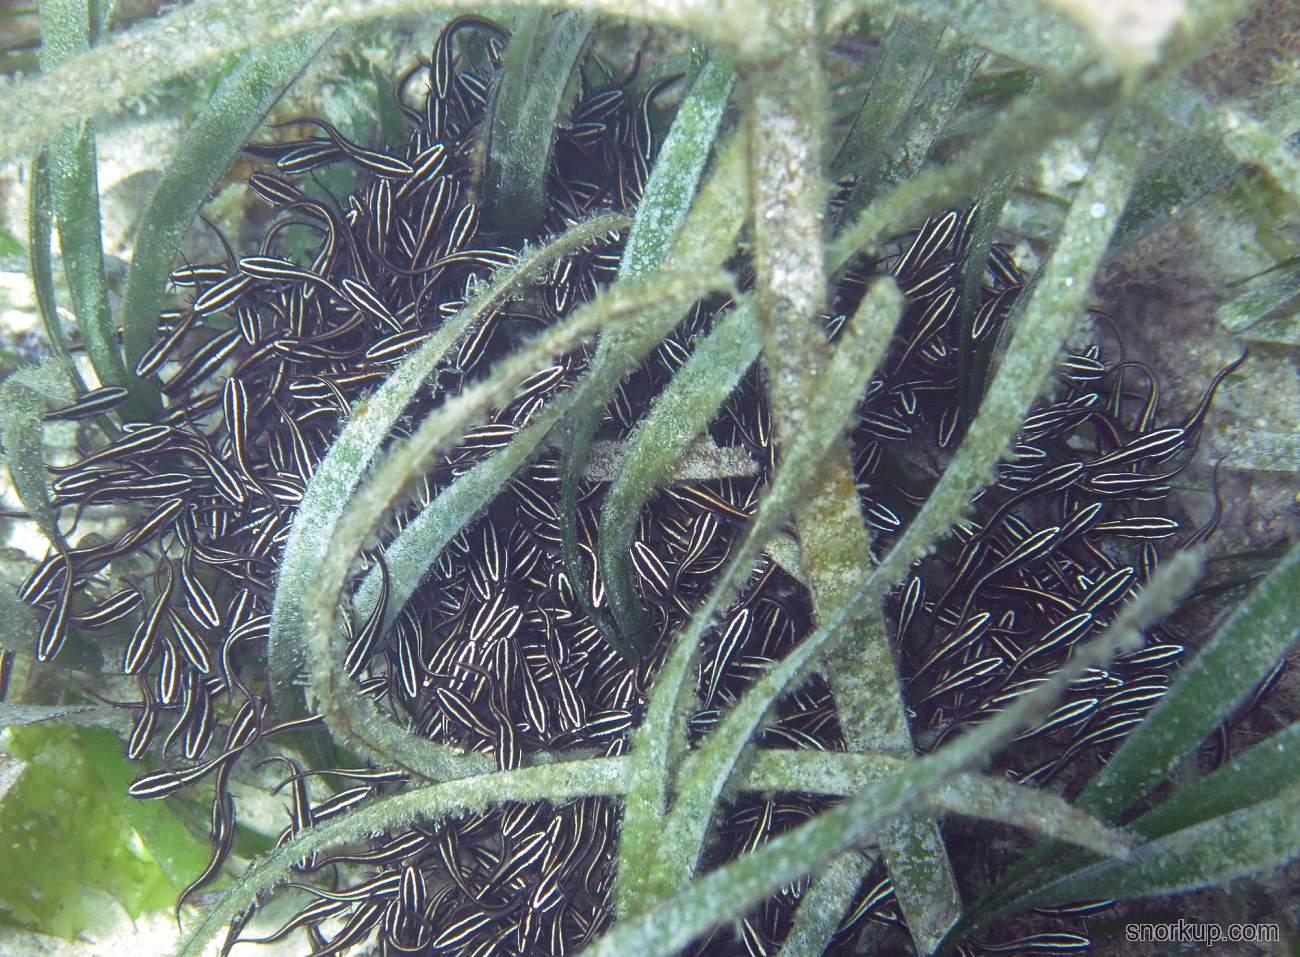 Полосатые угрехвосты - Plotosus lineatus - Striped eel catfish